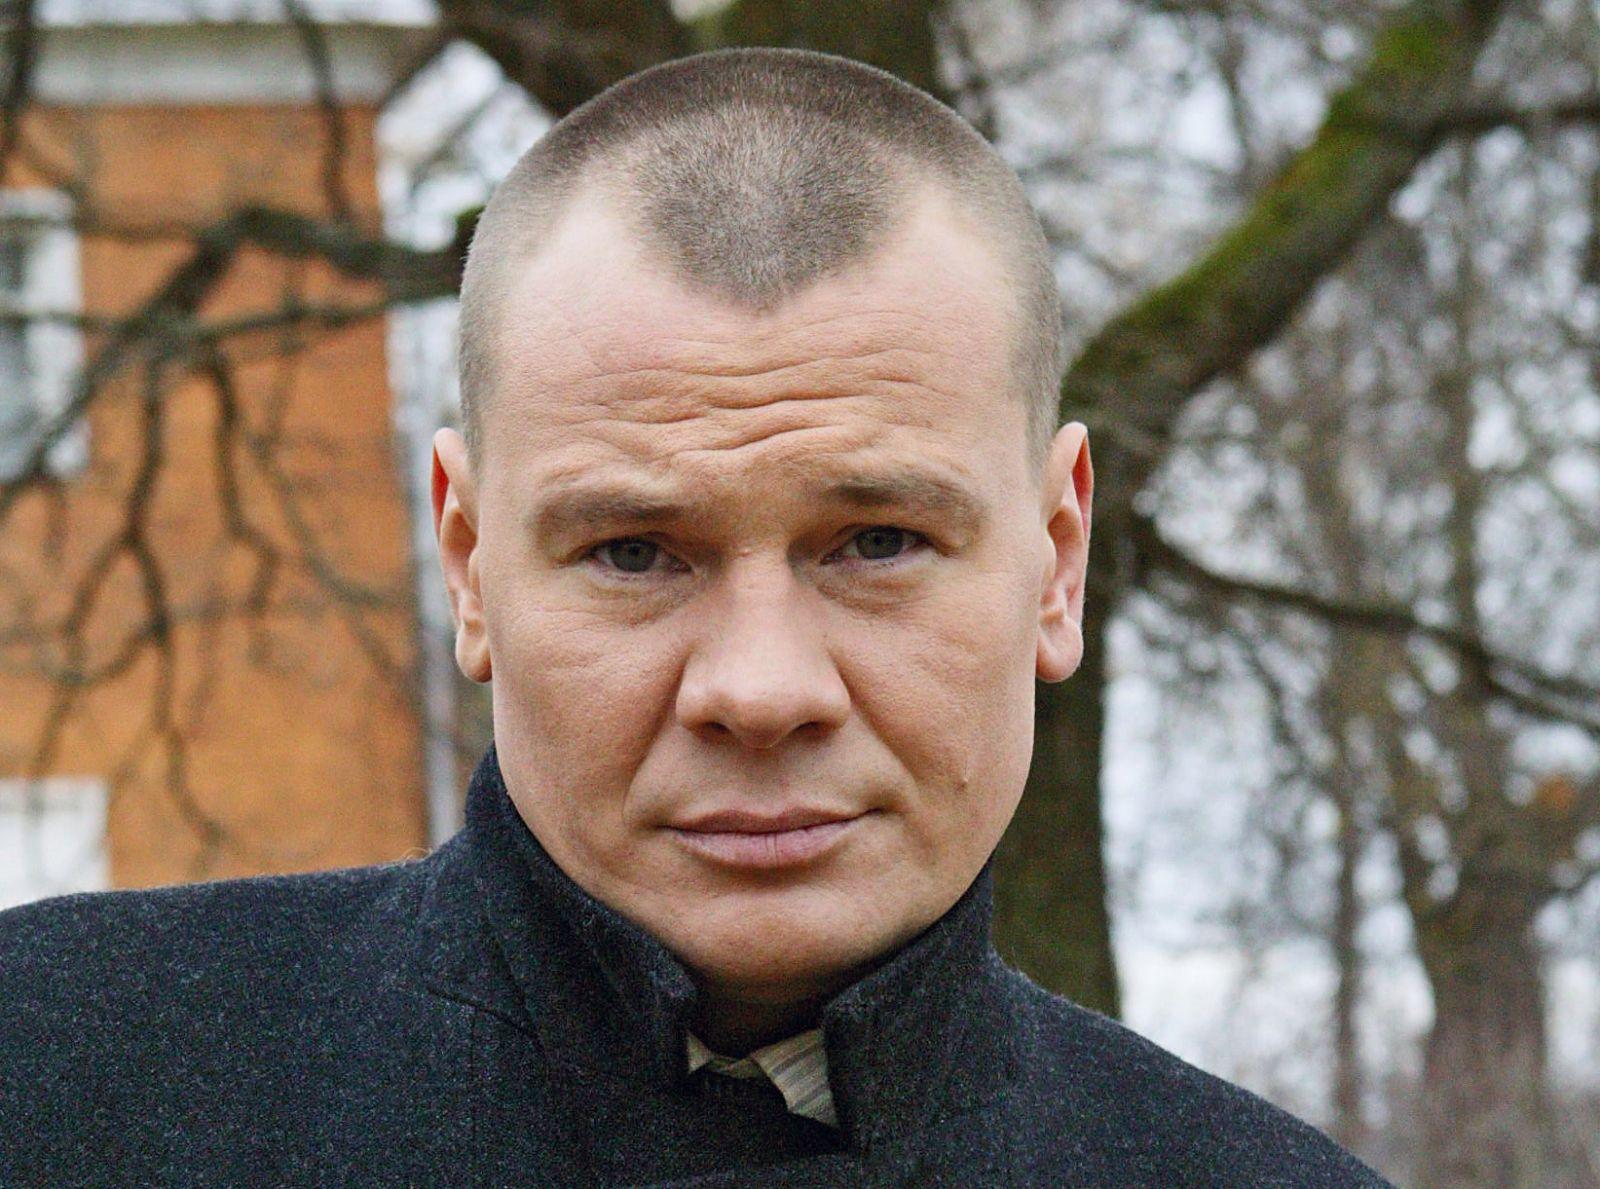 фото актёра владислава галкина